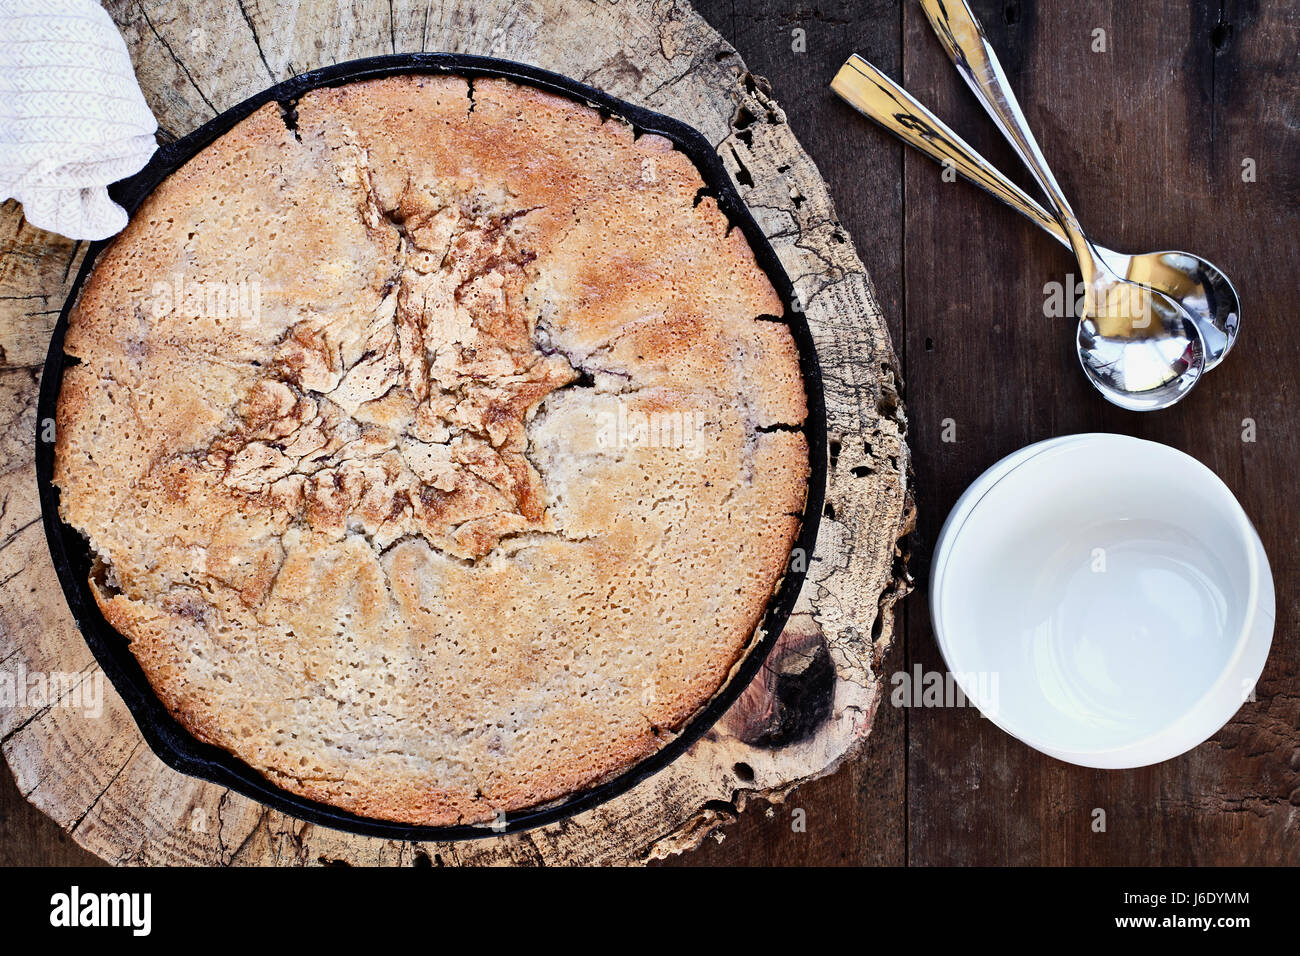 L'image ci-dessus d'une myrtille et peach cobbler cuit dans une poêle en fonte sur une table en bois rustique. Droit Banque D'Images